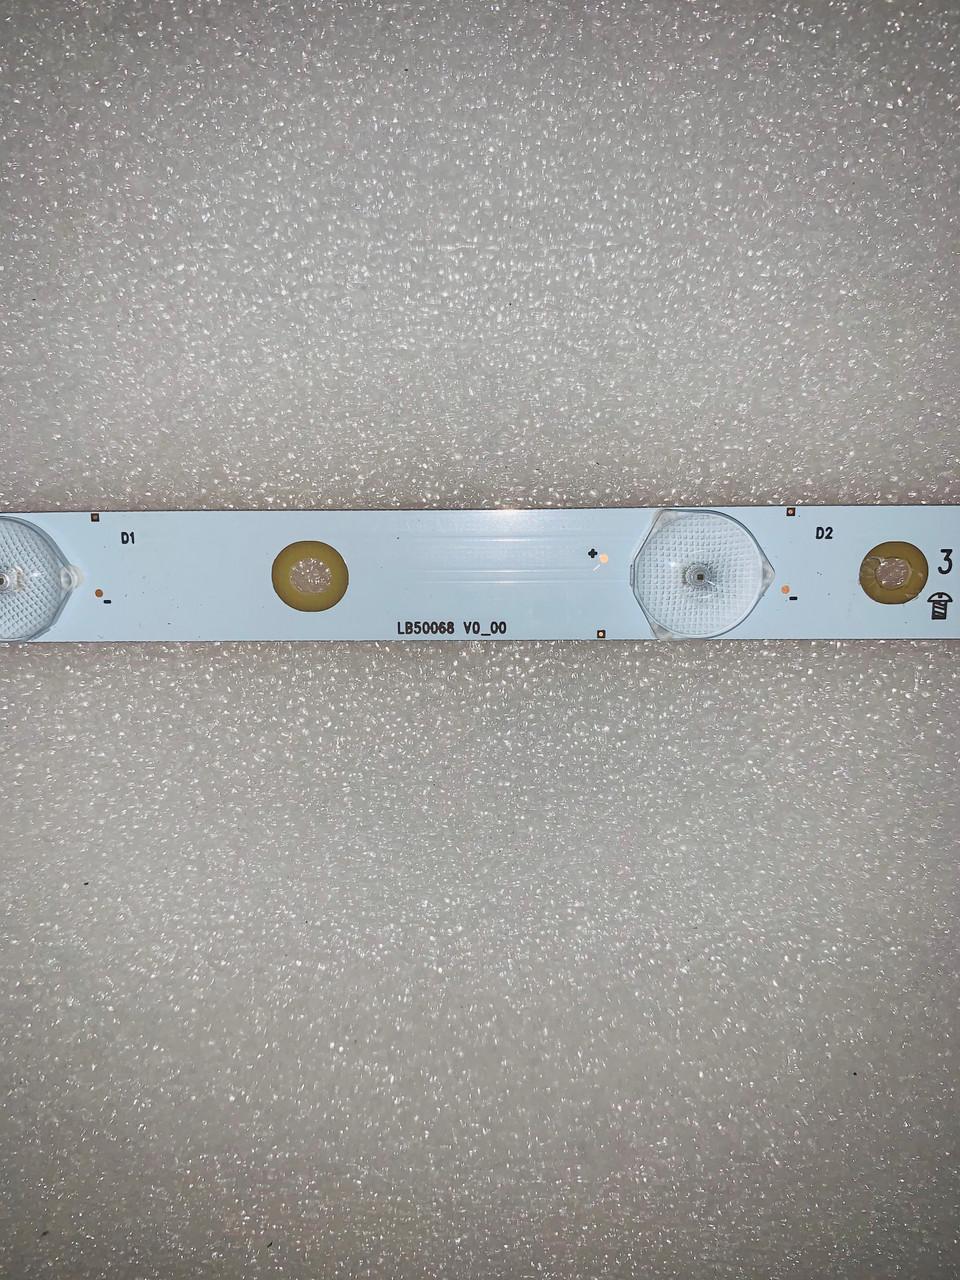 Vizio E50X-E1 LED Light Strips set of 12 LB50068